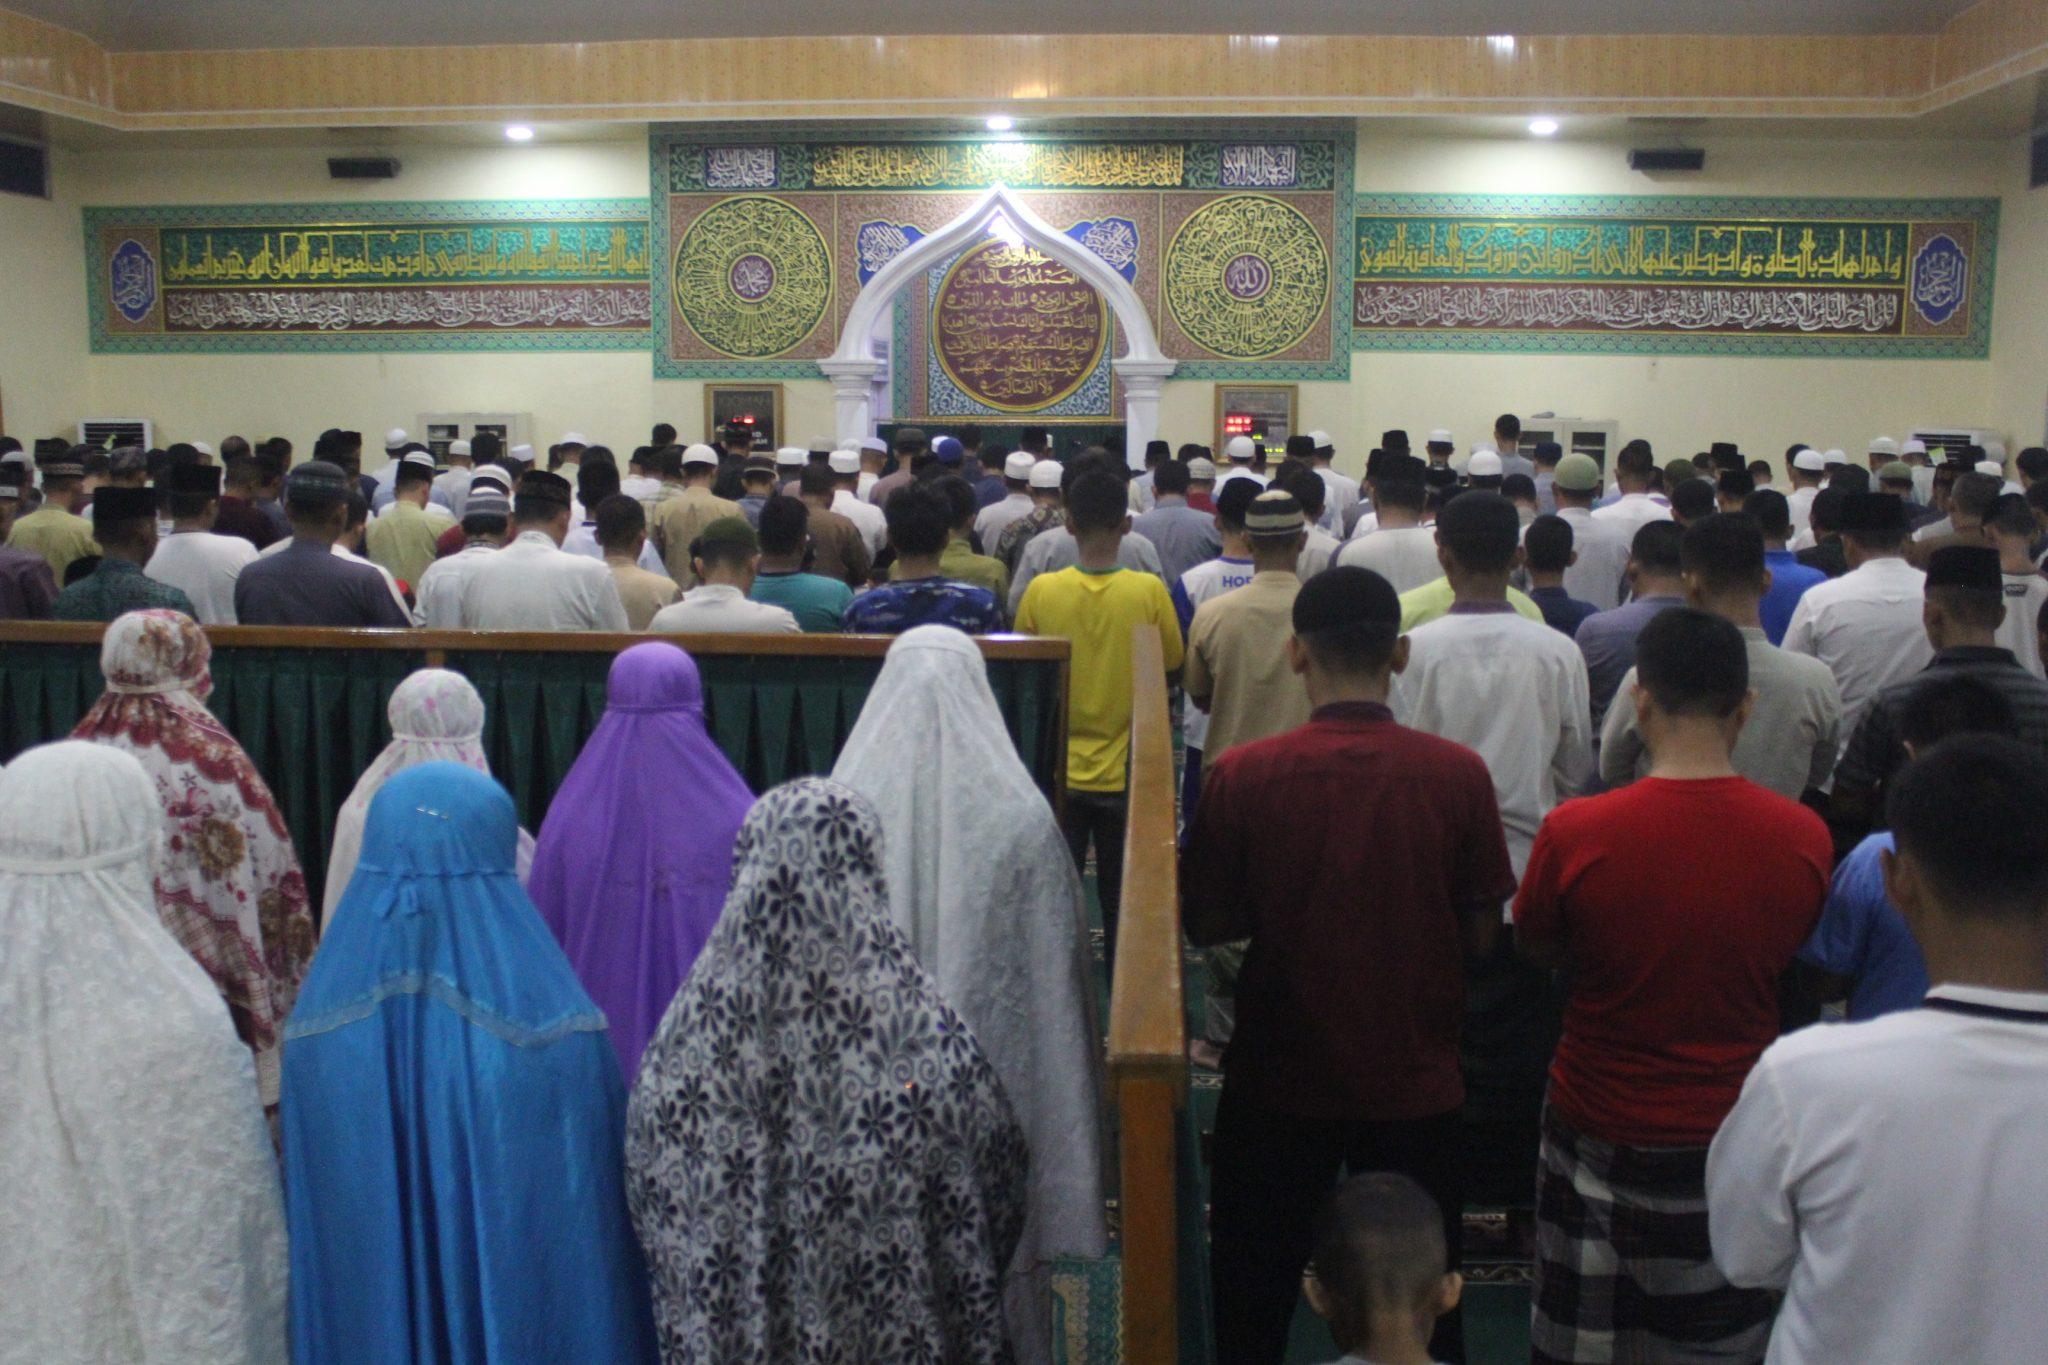 Keluarga Besar Lanud Rsn dan Warga Sekitar Shalat Tarawih Bersama di Masjid Amrullah Lanud Rsn